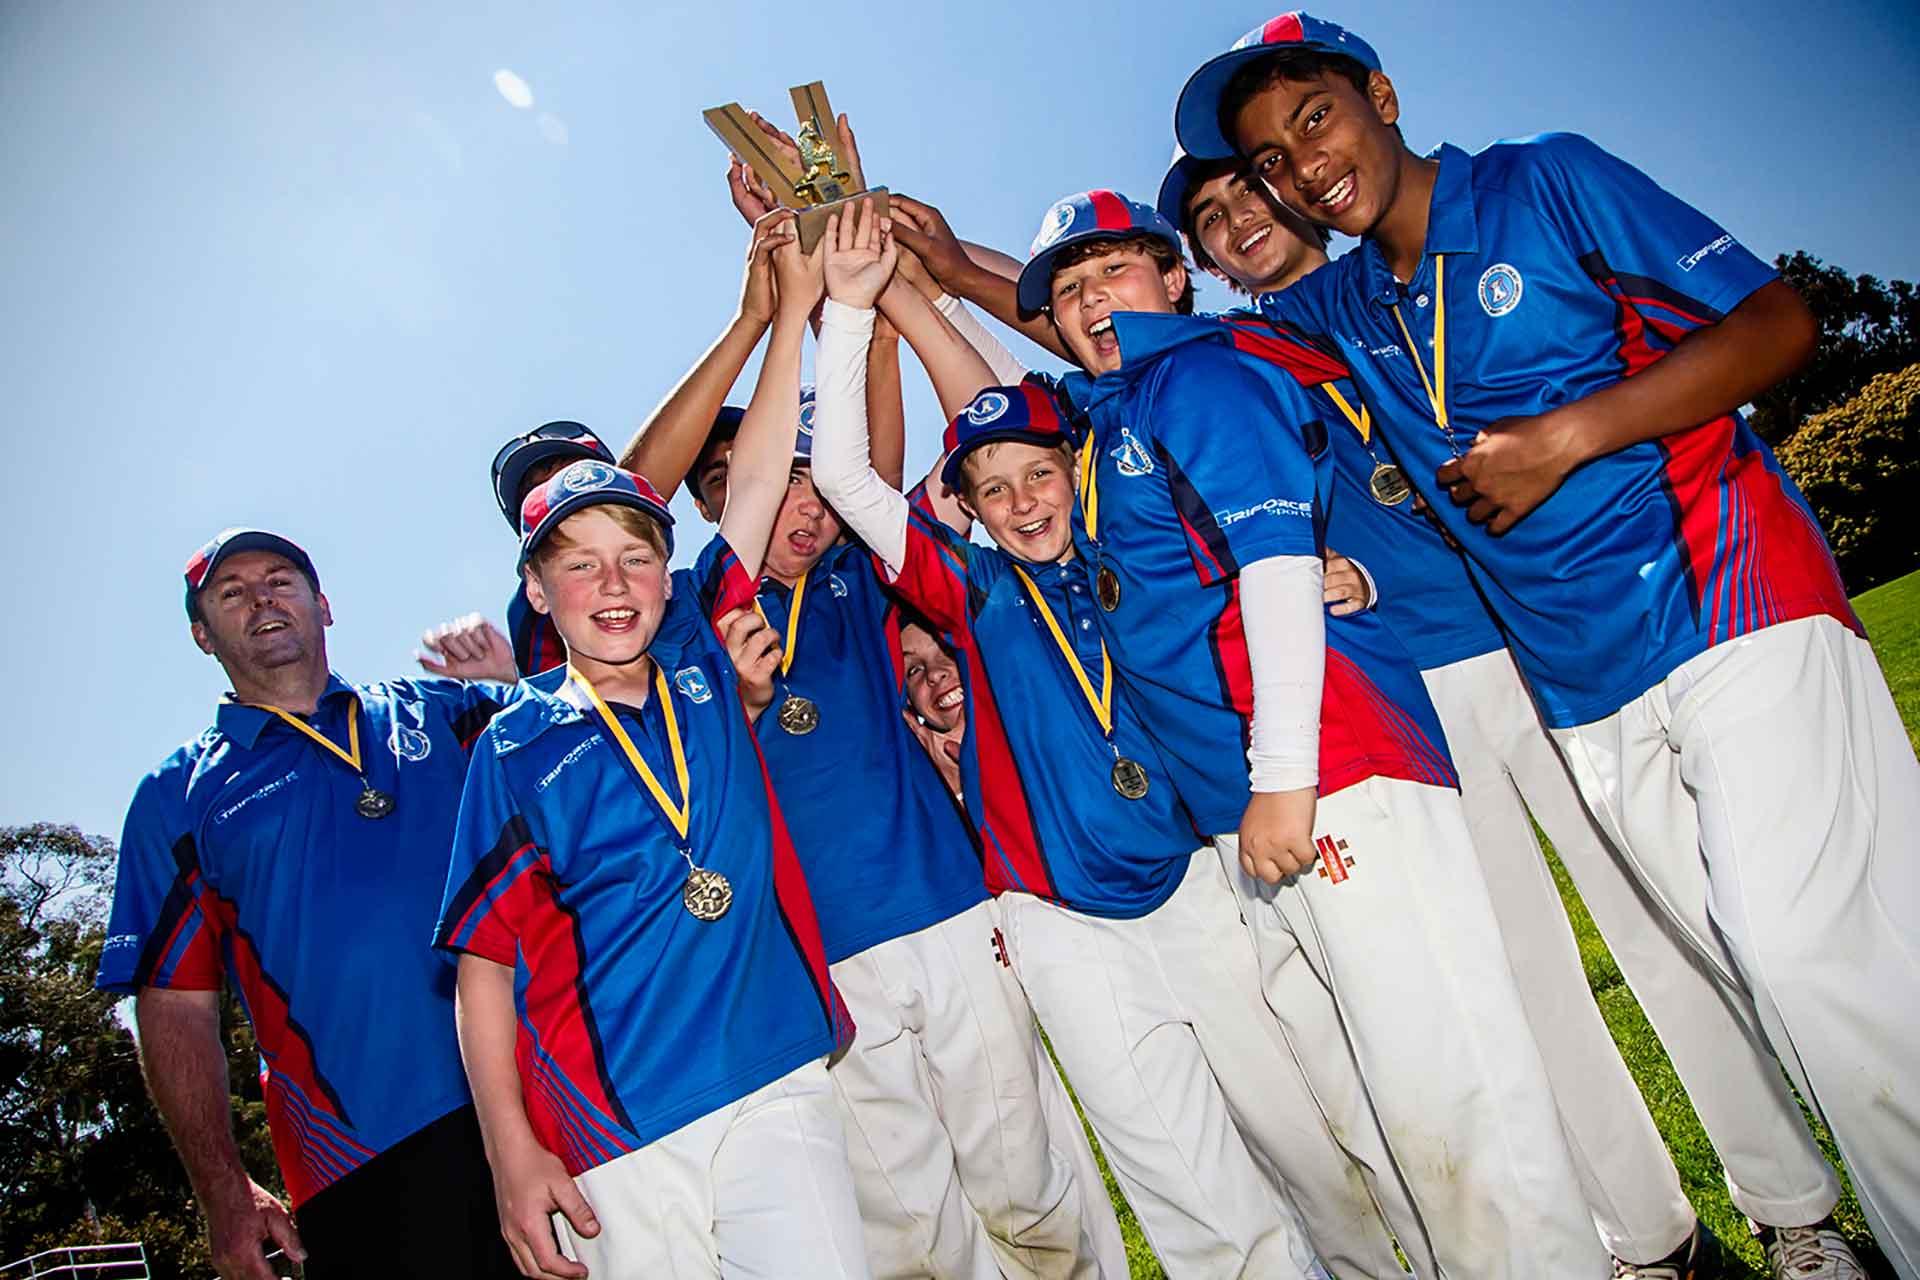 2016 Kookaburra Cup planning underway